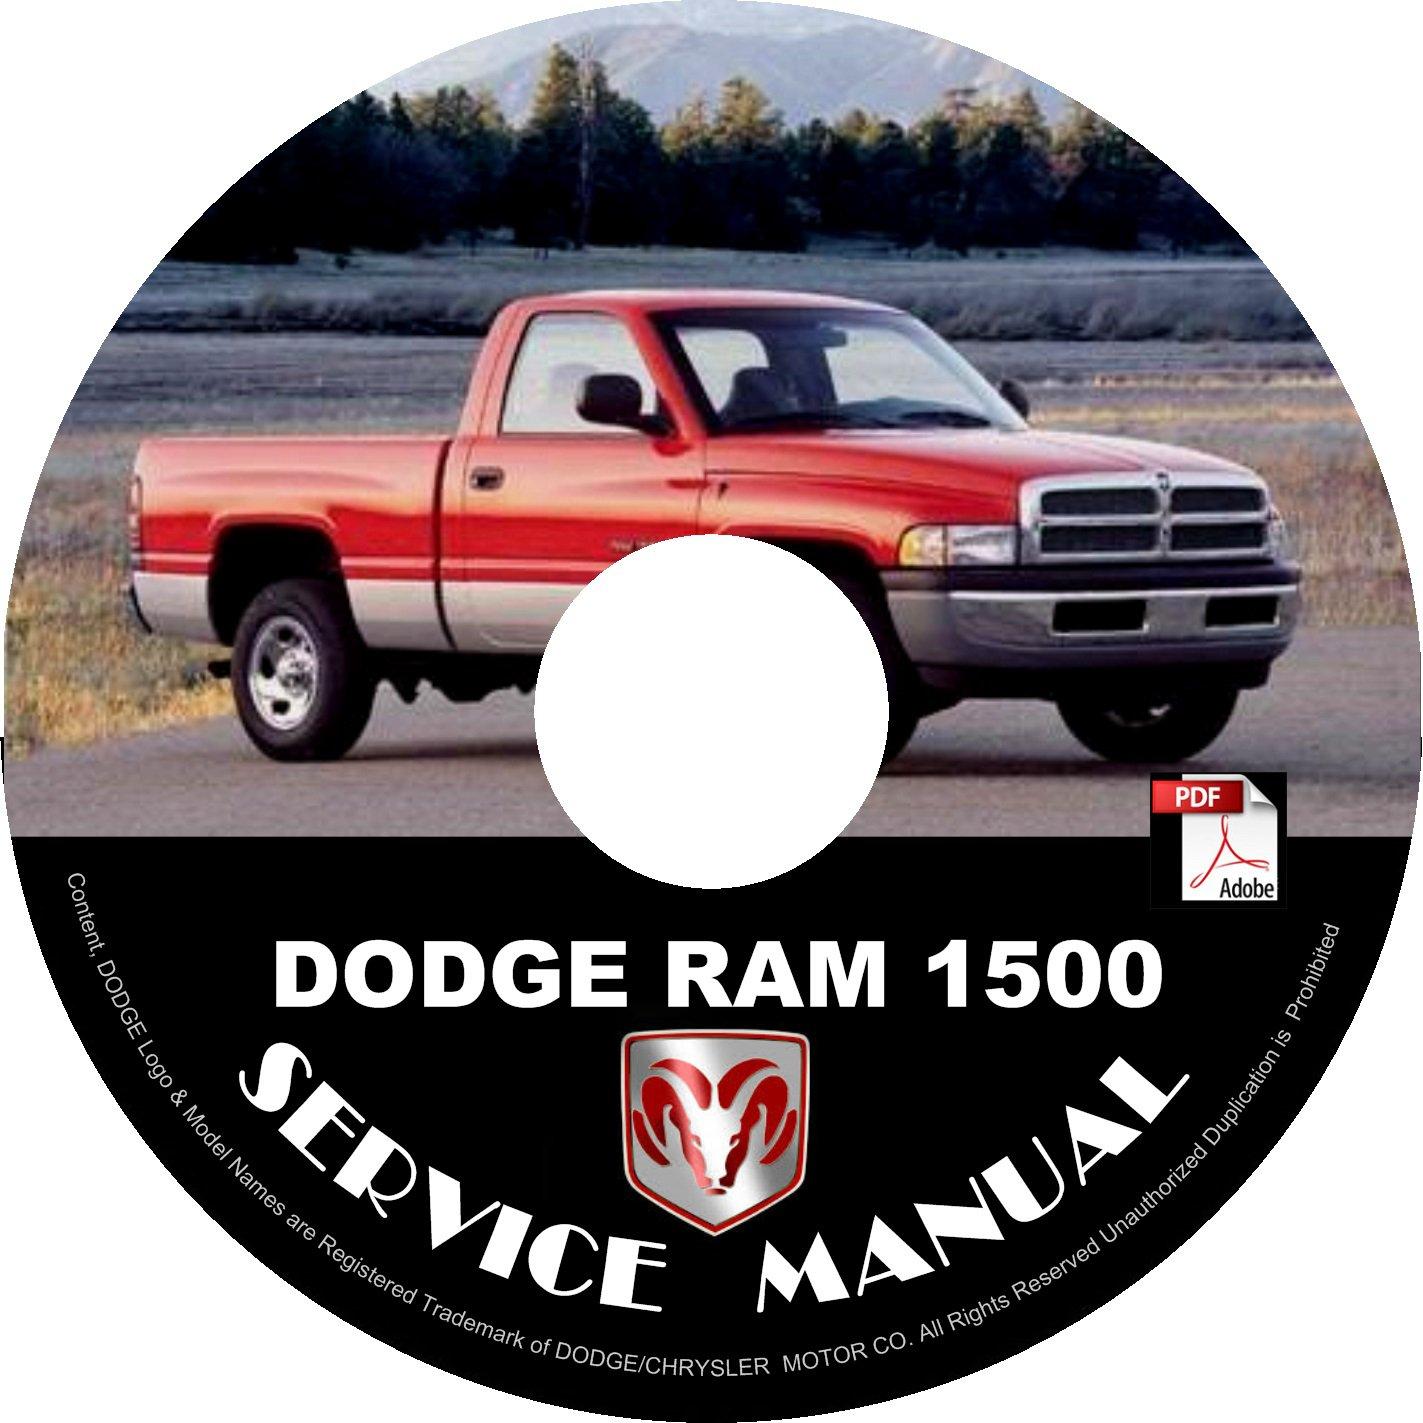 1998 dodge ram 1500 factory service repair shop manual on 1998 dodge ram 1500 service manual pdf 1998 dodge ram 1500 manual transmission swap